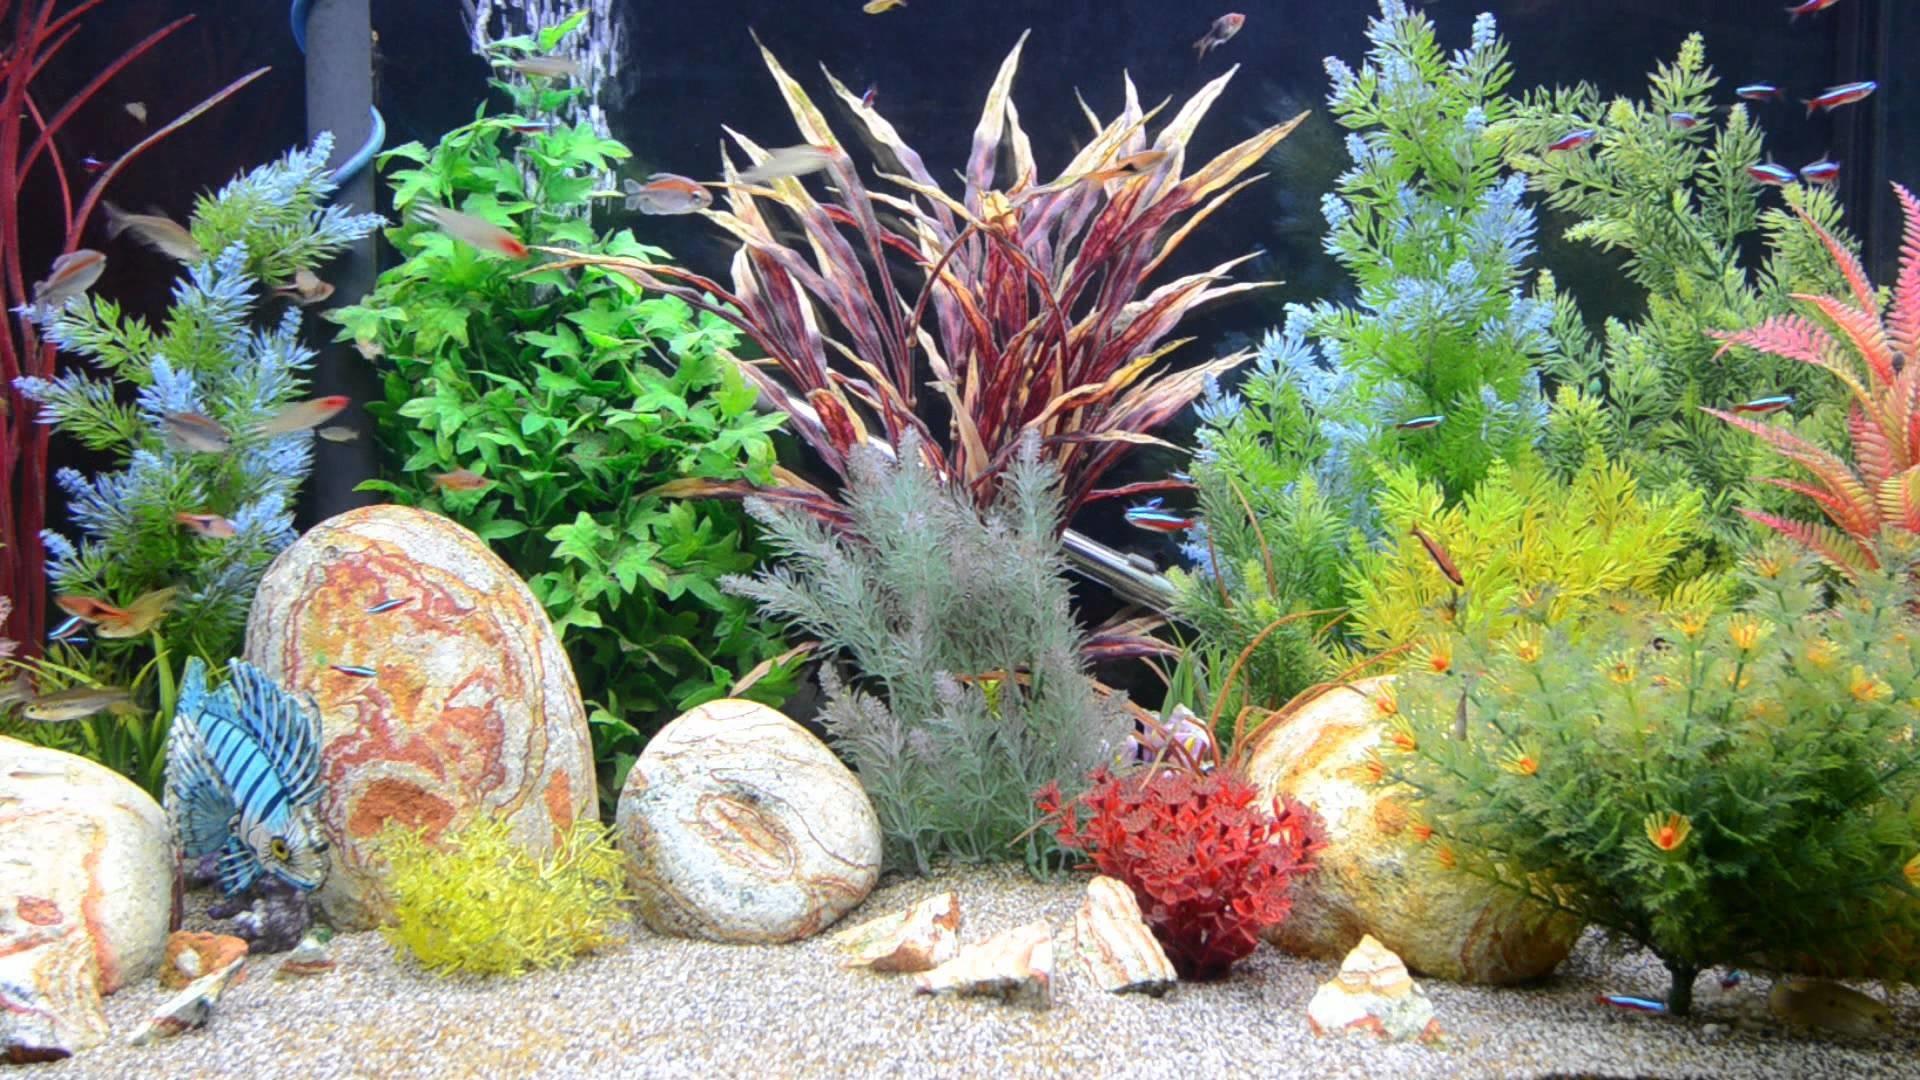 Aquarium Screensaver Free Download For Android : Free download aquarium  wallpapers pixelstalk.net